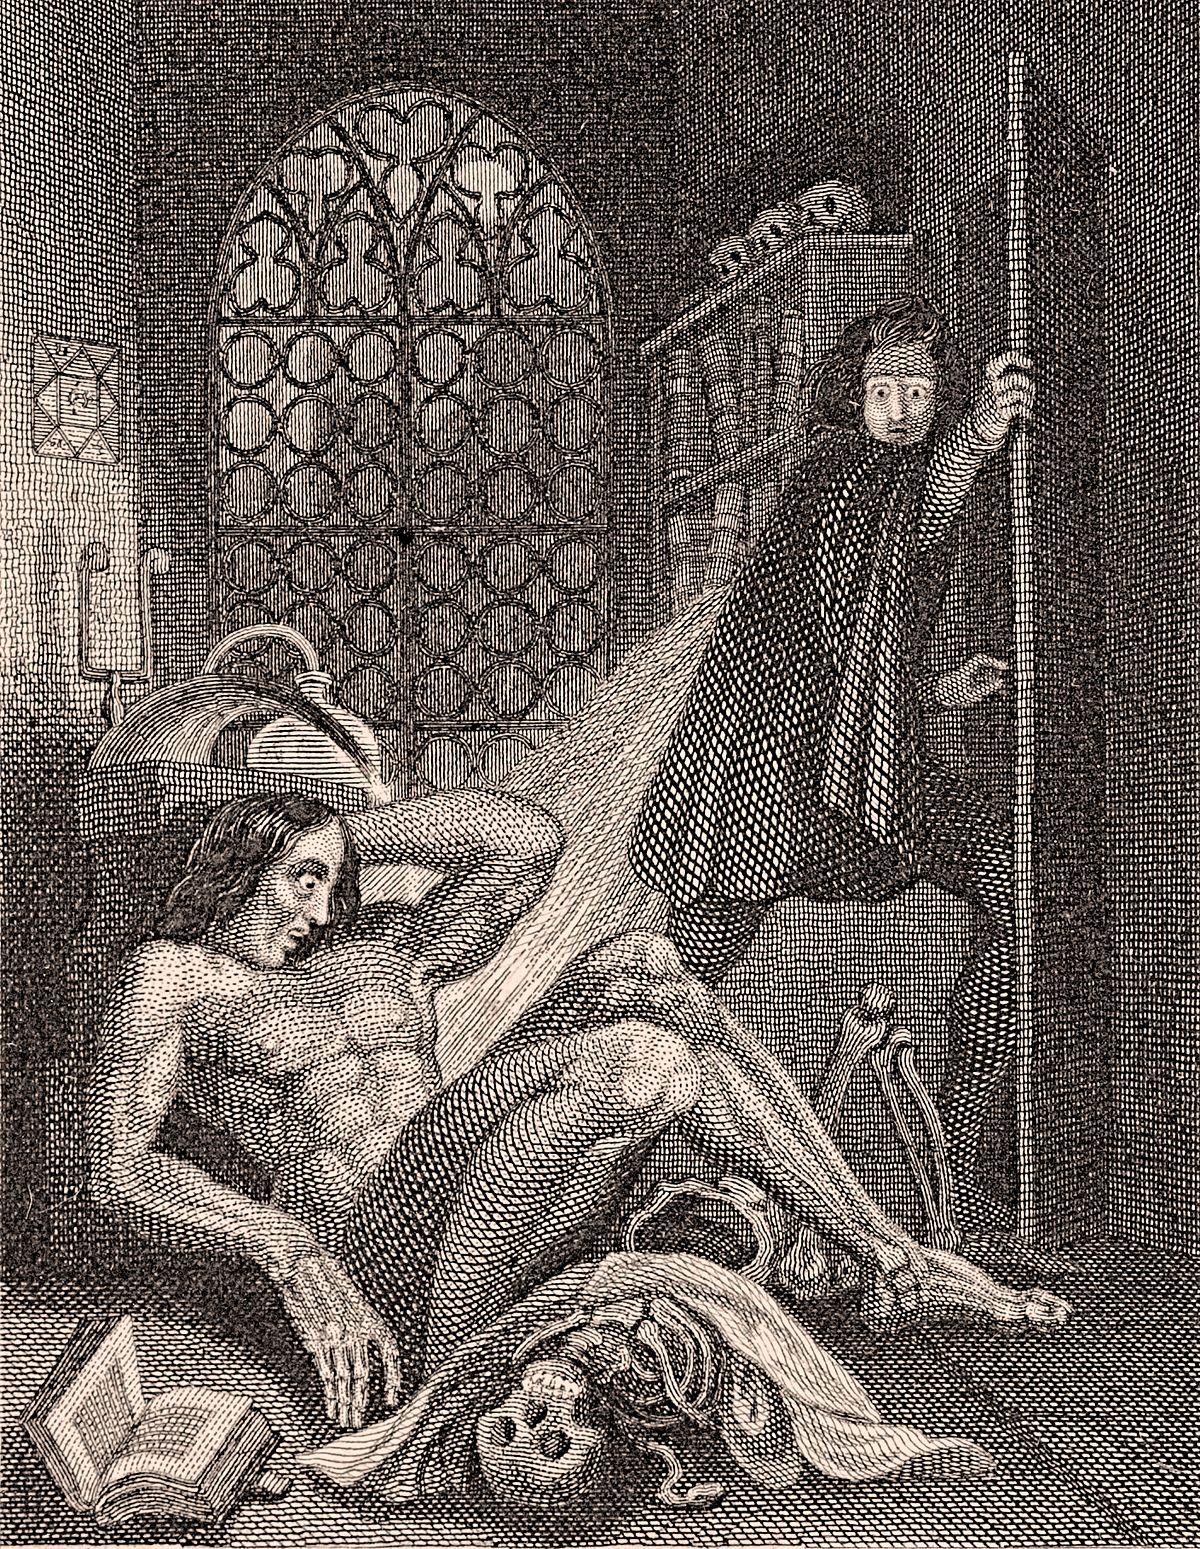 Frontispiece_to_Frankenstein_1831.jpg